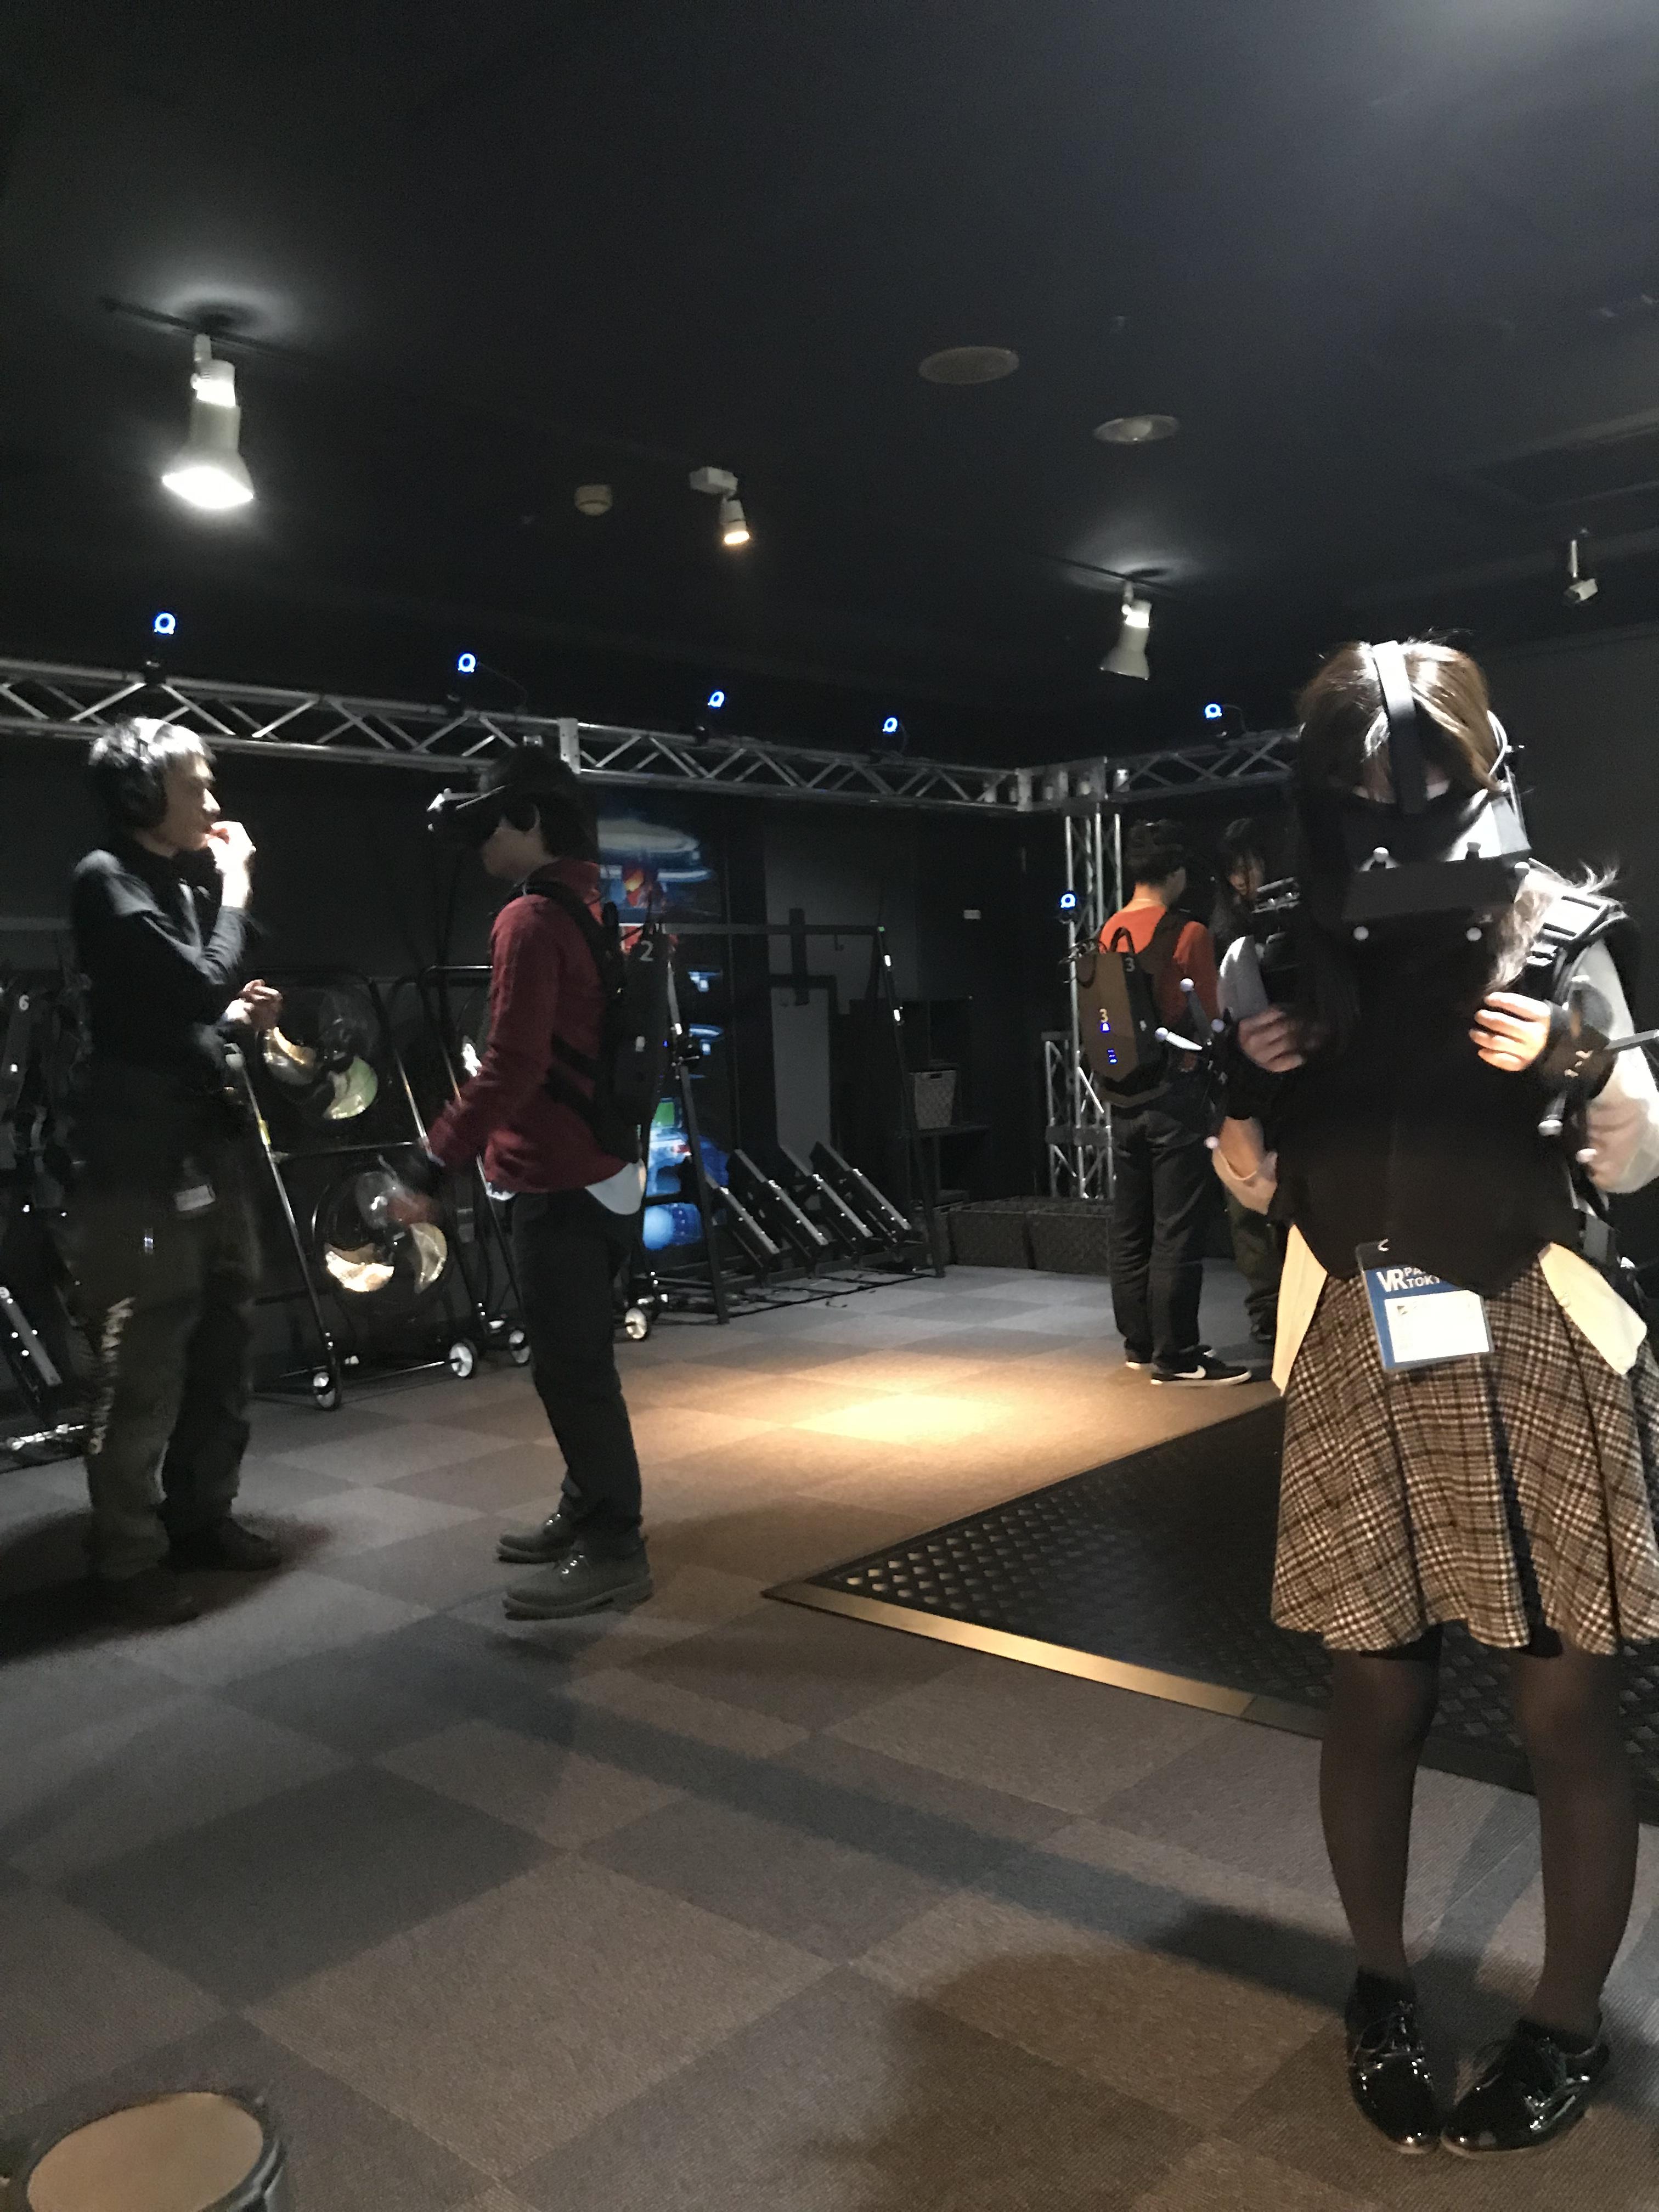 【2017】個人的No1 VR施設、VR PARK TOKYO@池袋